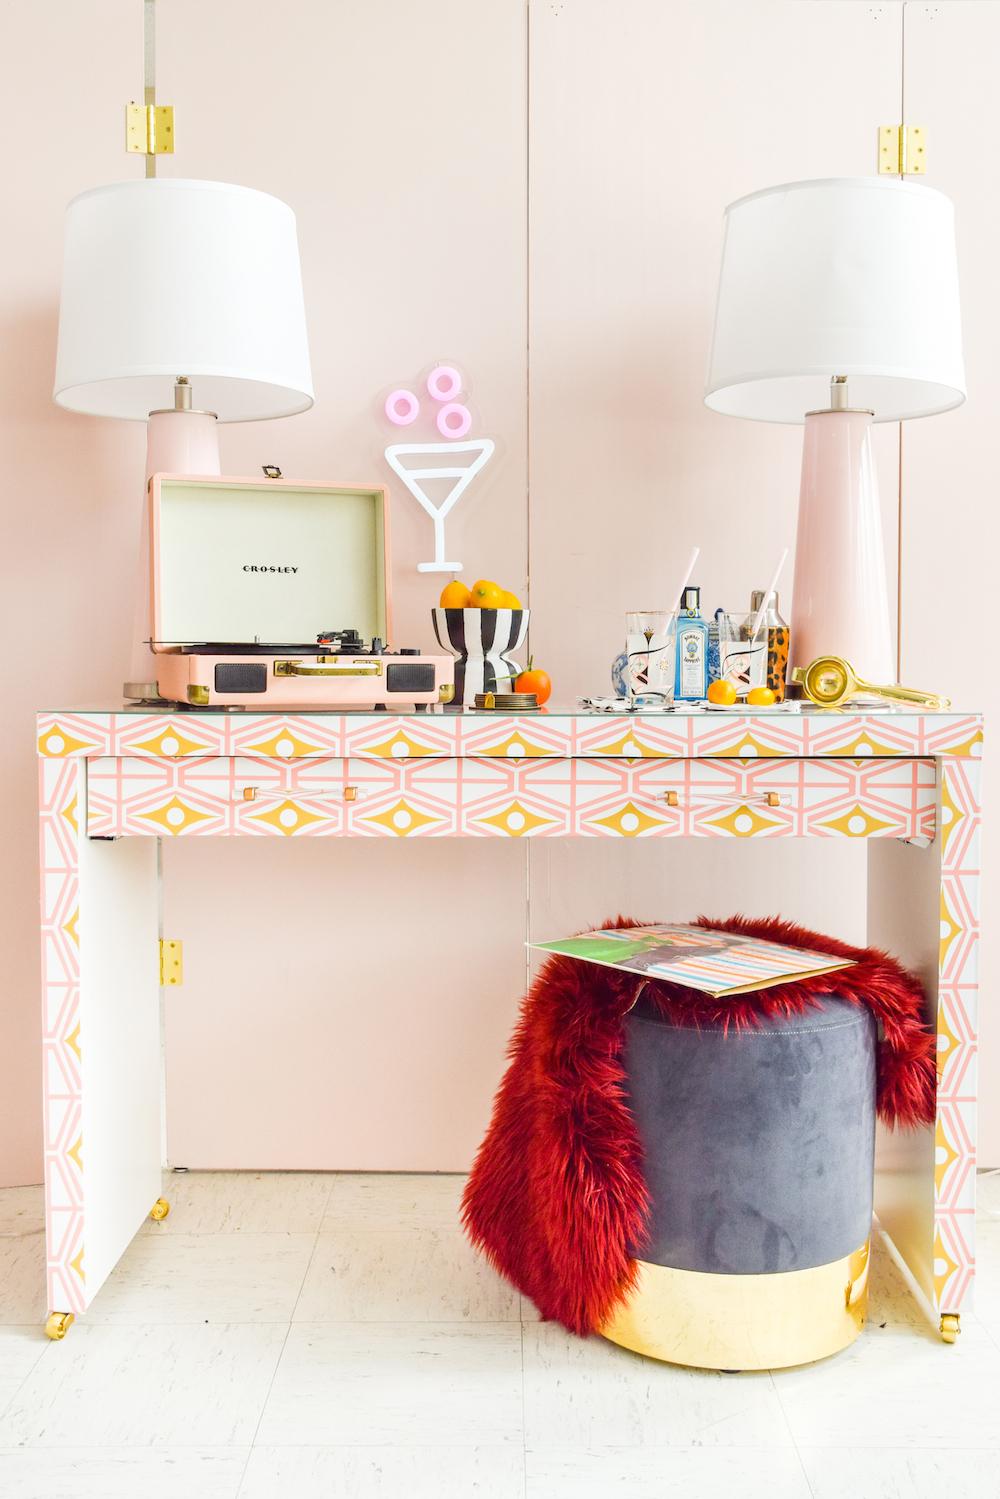 Full Size of Ikea Hack Tisch In Servierwagen Umwandeln Spoonflower Betten 160x200 Küche Kosten Garten Miniküche Modulküche Kaufen Sofa Mit Schlaffunktion Bei Wohnzimmer Servierwagen Ikea